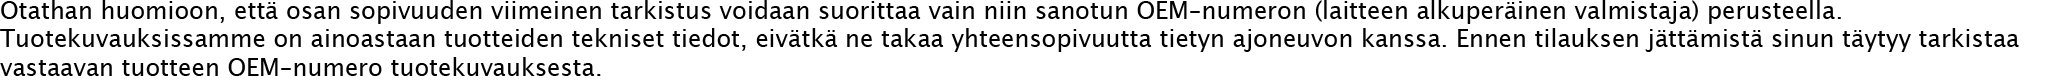 SACHS STC 100 050 Pääsylinteri, kytkin